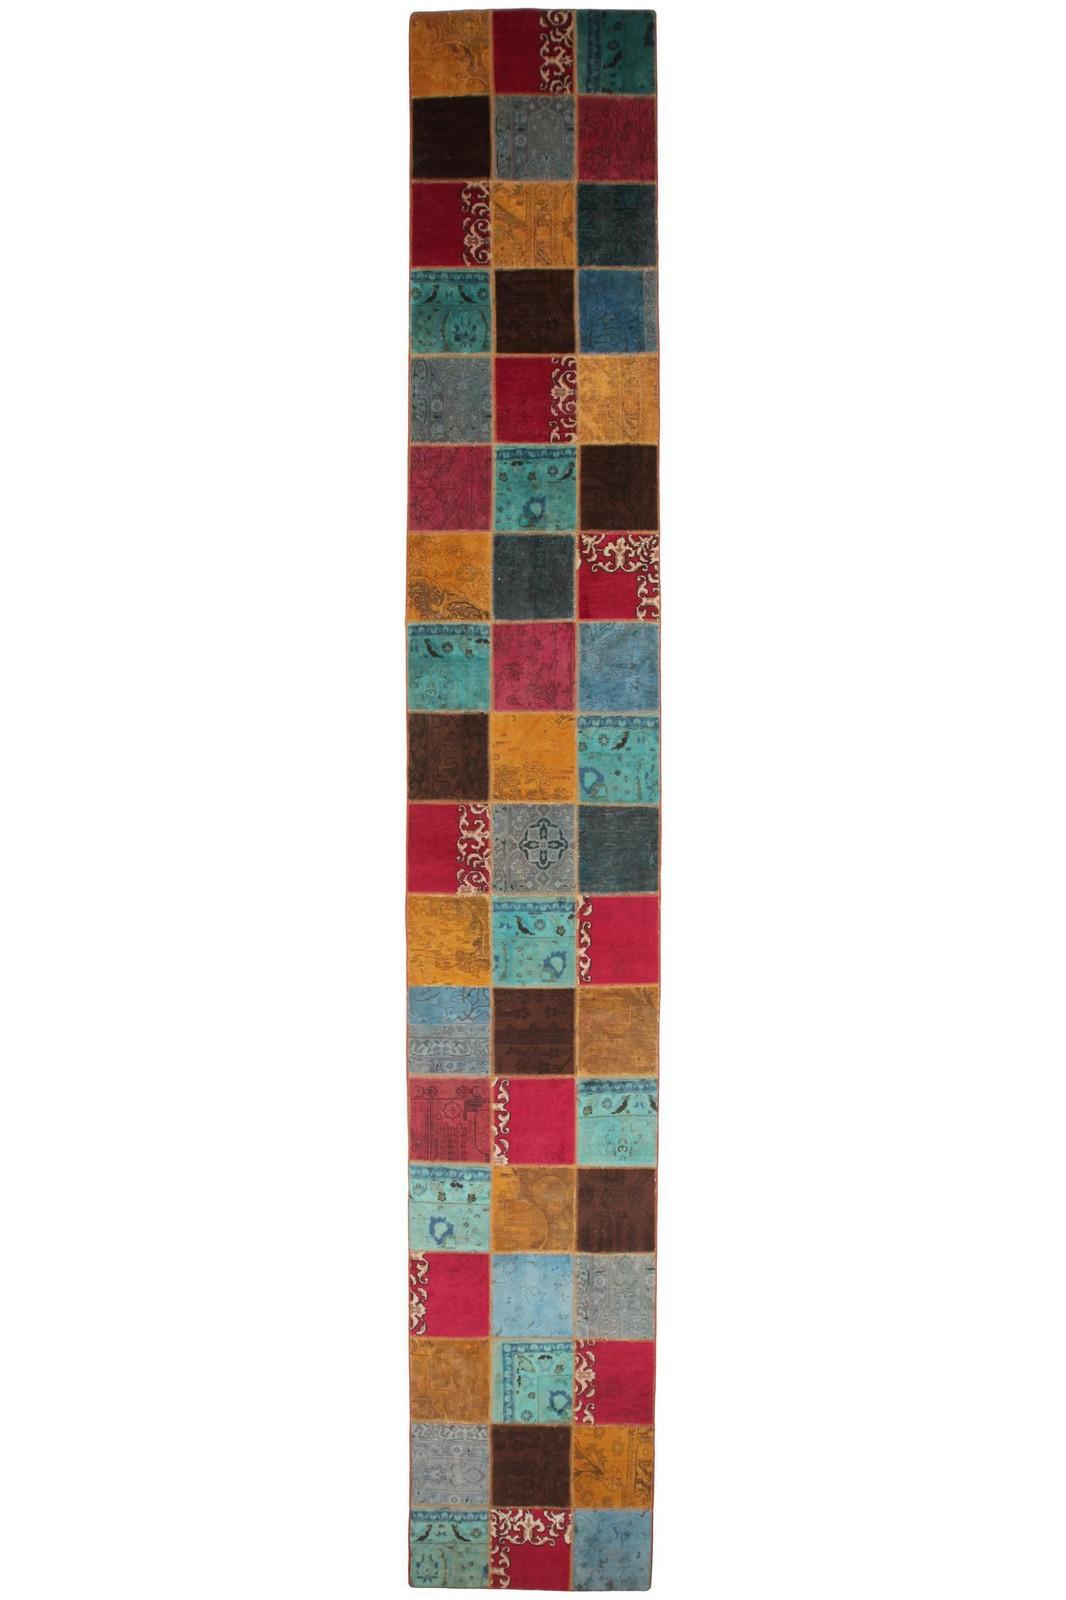 Persisk Patchwork løber, 550 x 86 cm - Persisk Patchwork løber, fremstillet af persiske vintage fragmenter. 550 x 86 cm